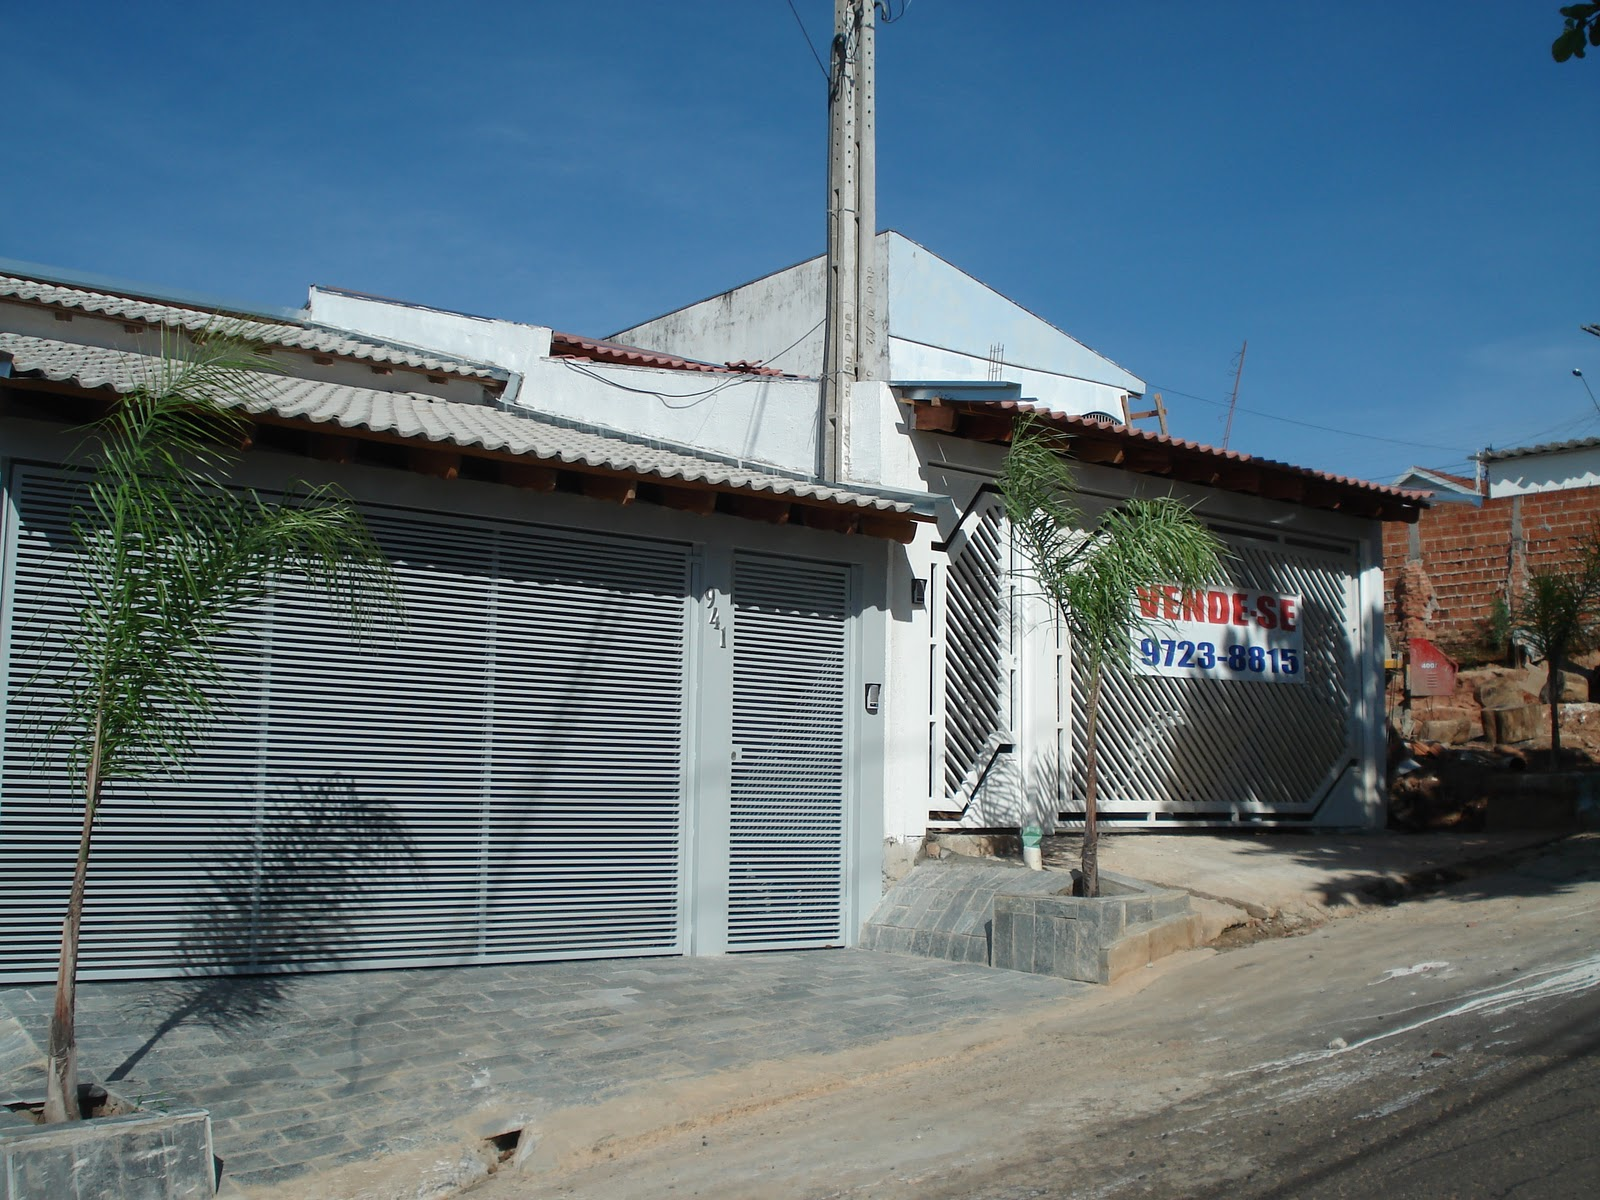 Imagens de #376995 Vende se Casa SP Marilia: Dezembro 2010 1600x1200 px 2806 Box Banheiro Marilia